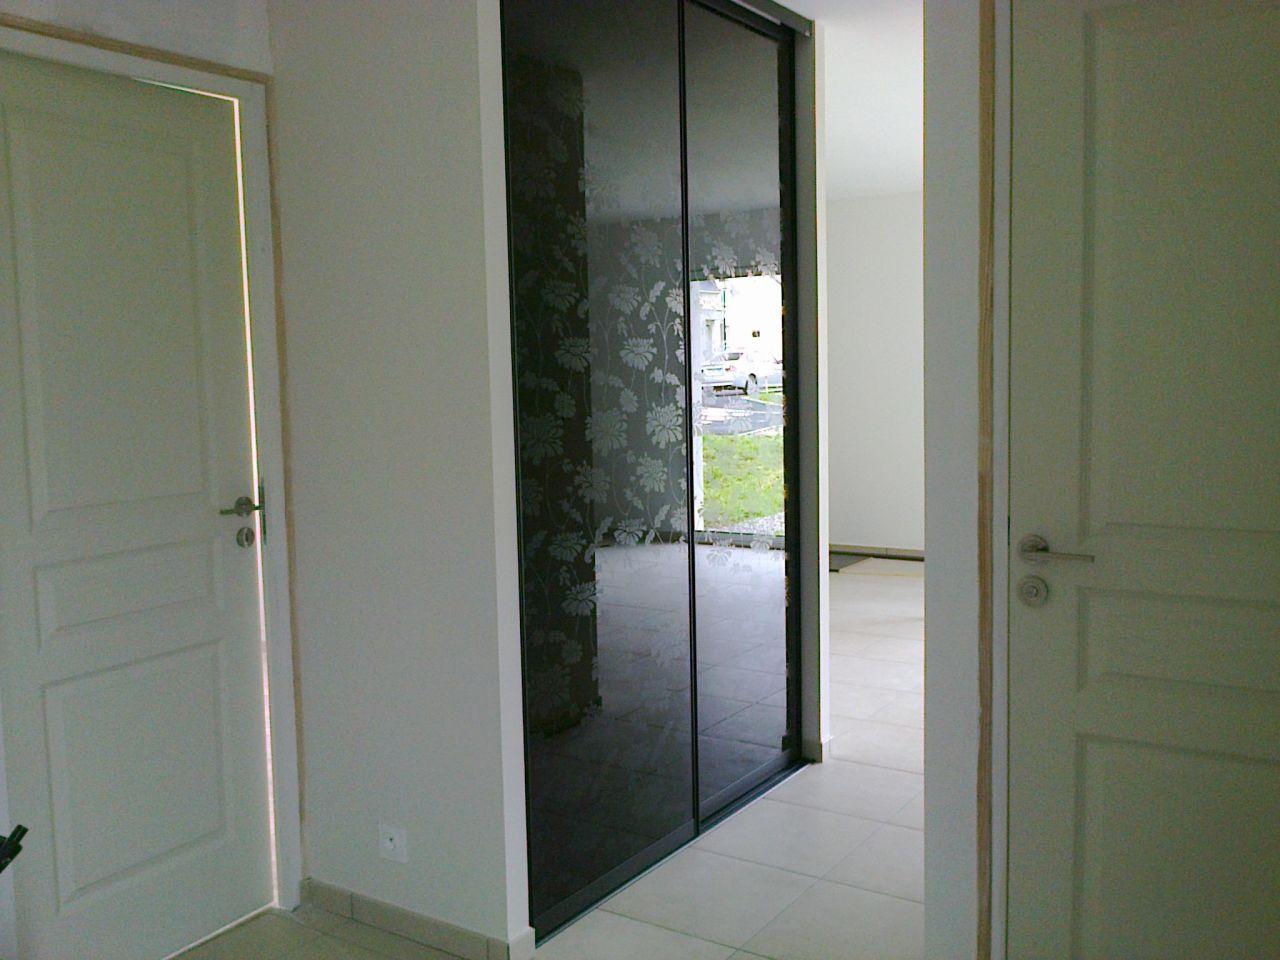 photo le placard d 39 entr e d coration entr e ille et vilaine 35. Black Bedroom Furniture Sets. Home Design Ideas